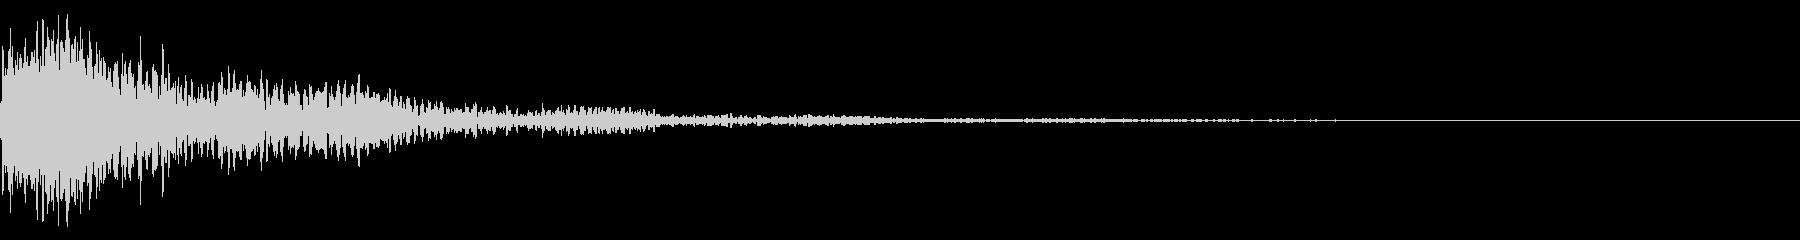 太鼓と三味線の和風インパクトジングル!9の未再生の波形